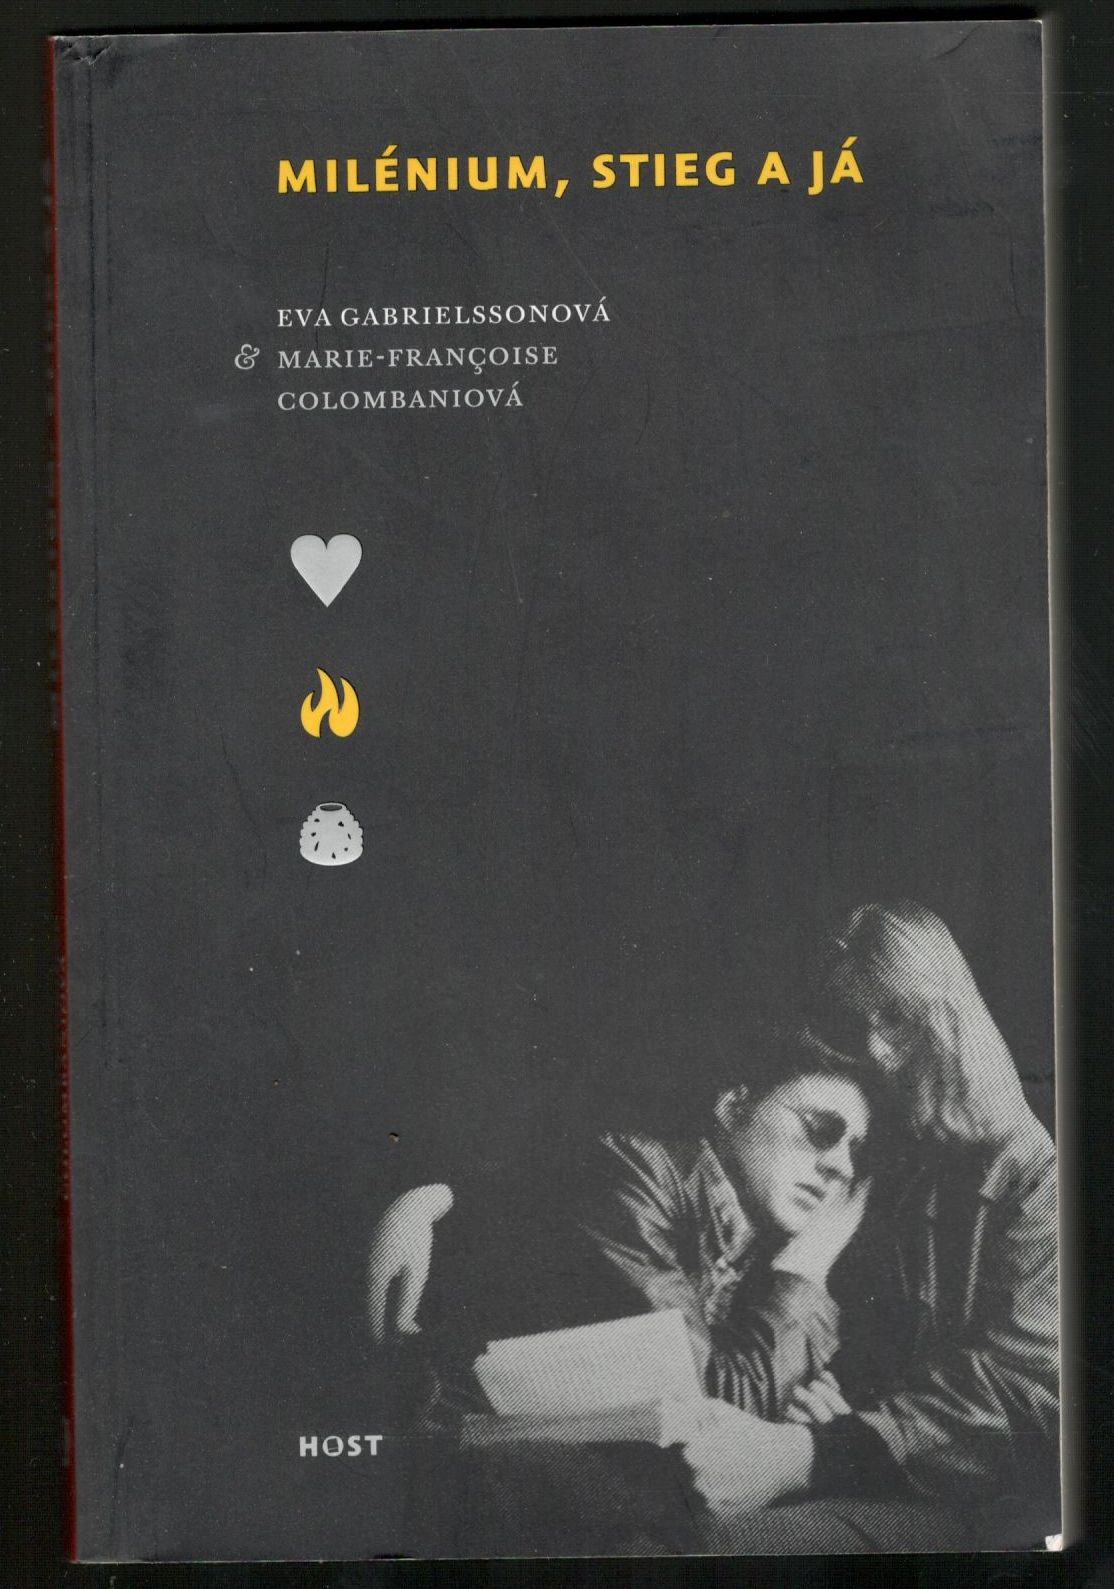 Milénium, Stieg a já - Eva Gabrielssonová, Marie-Francoise Colombaniová